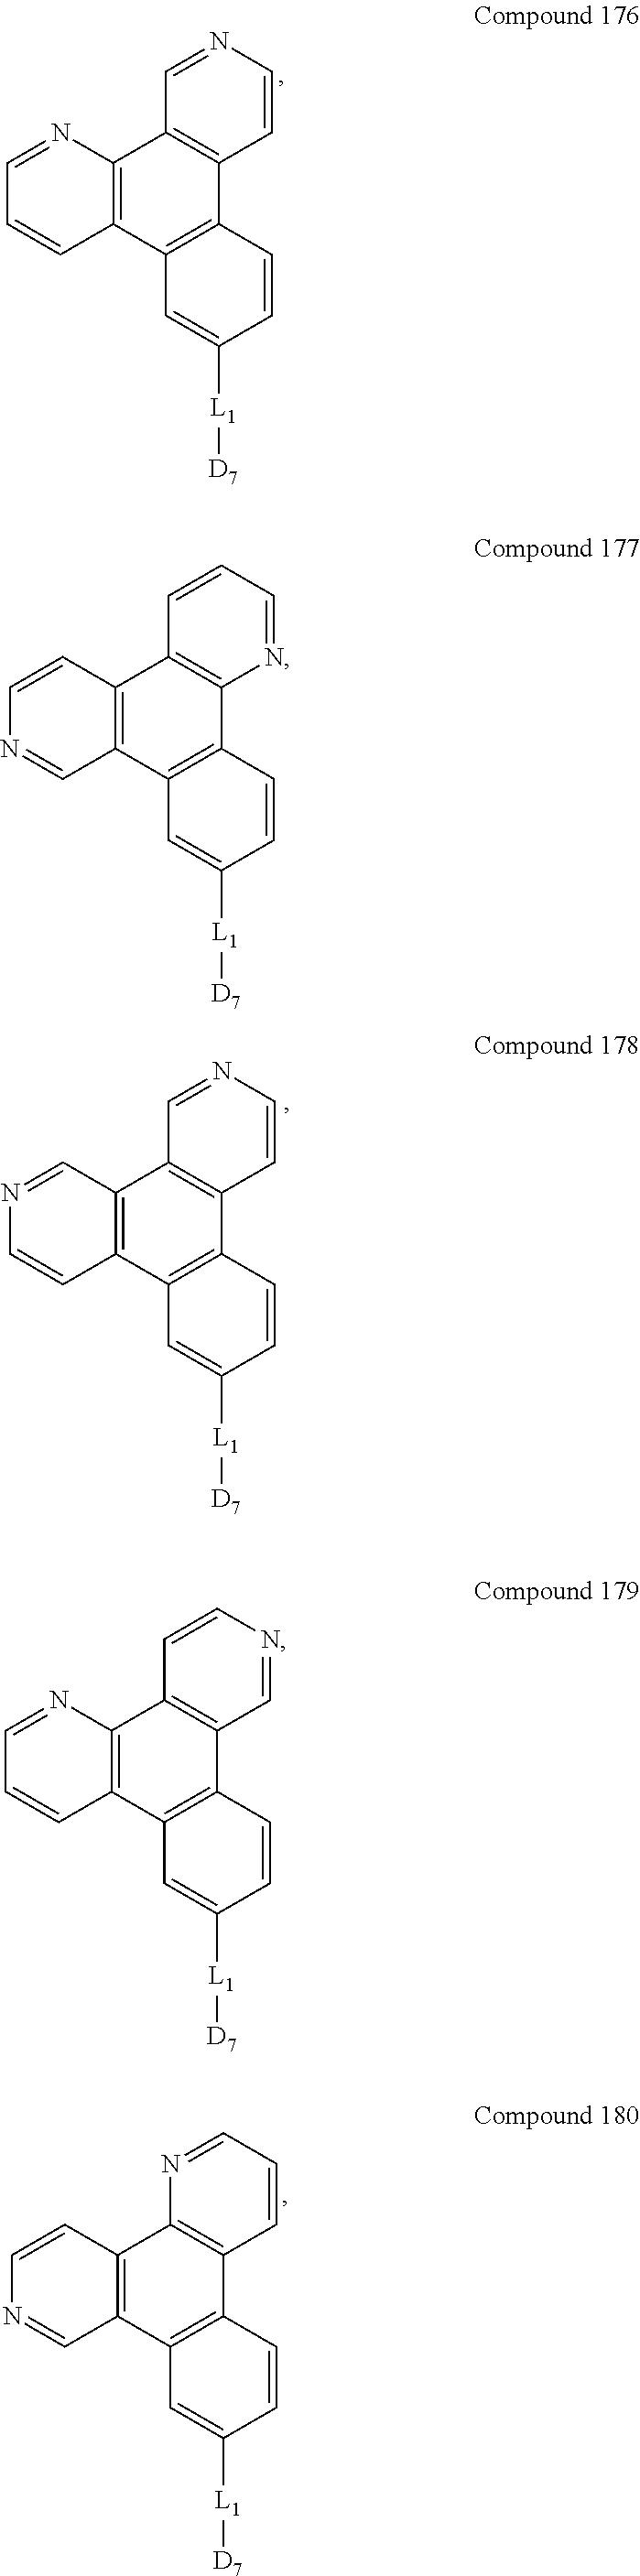 Figure US09537106-20170103-C00522